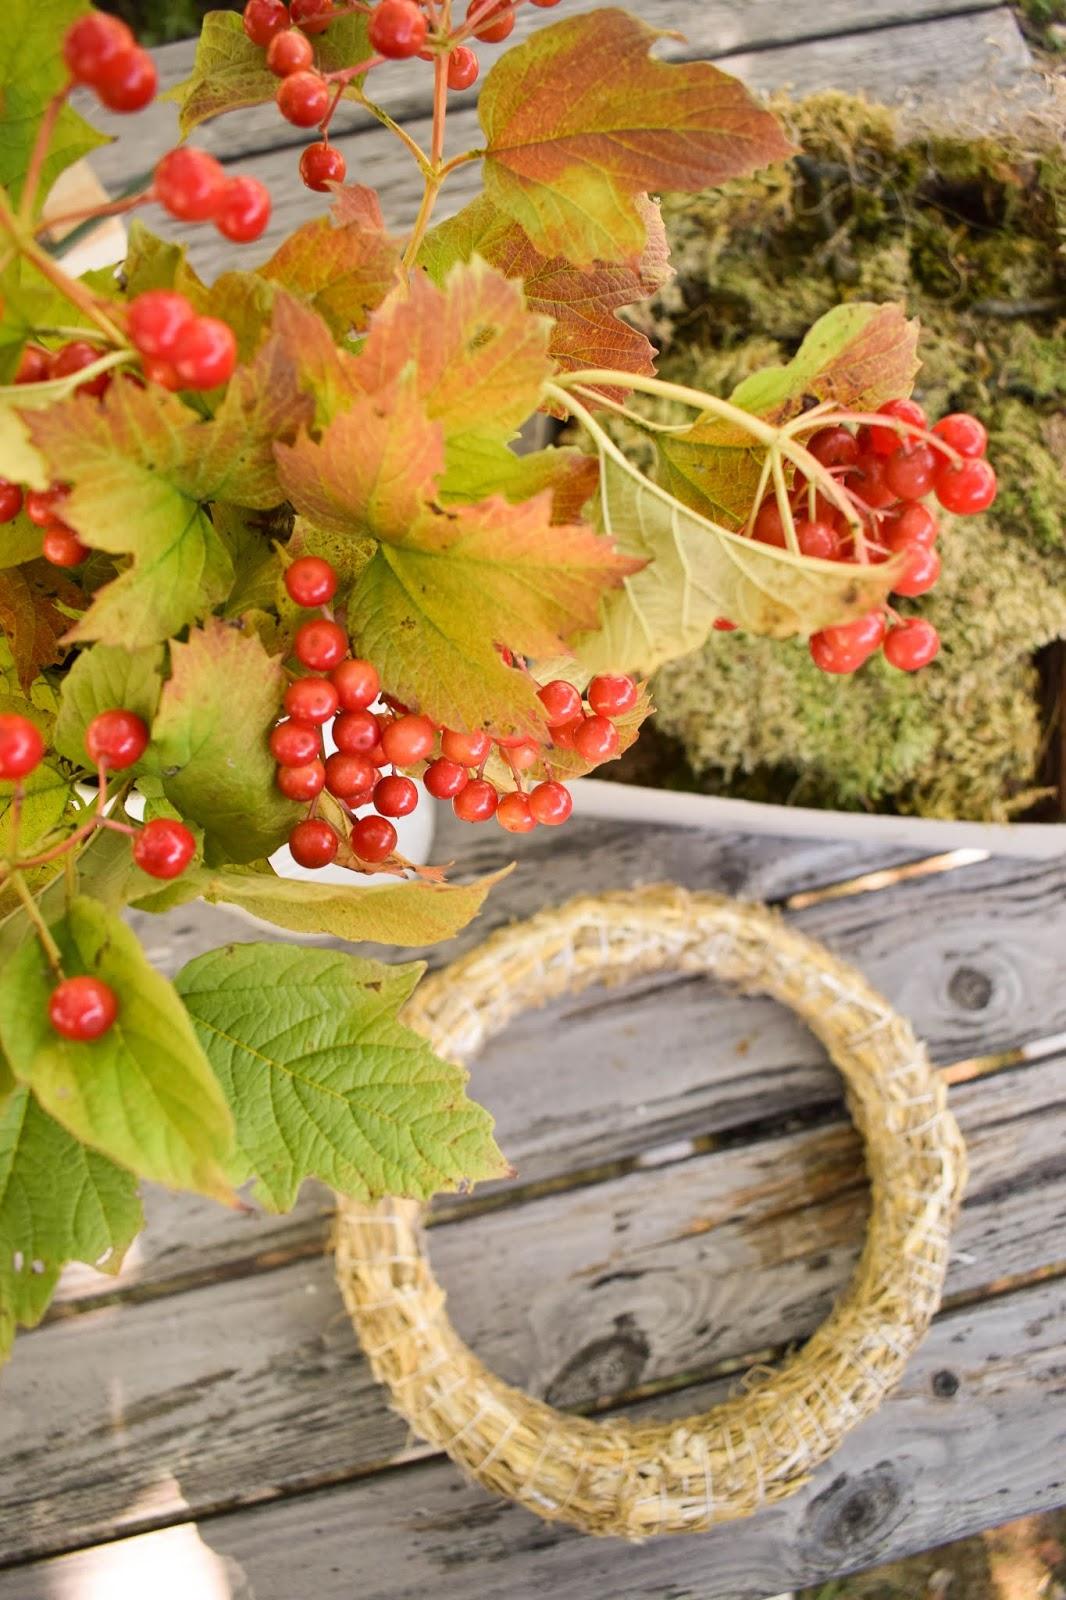 DIY Mooskranz einfach selber machen mit Moos Beeren Holz und Sisal. Naturdeko Anleitung zum Kranz binden. Dekorieren mit Natur. Zutaten herbstdeko